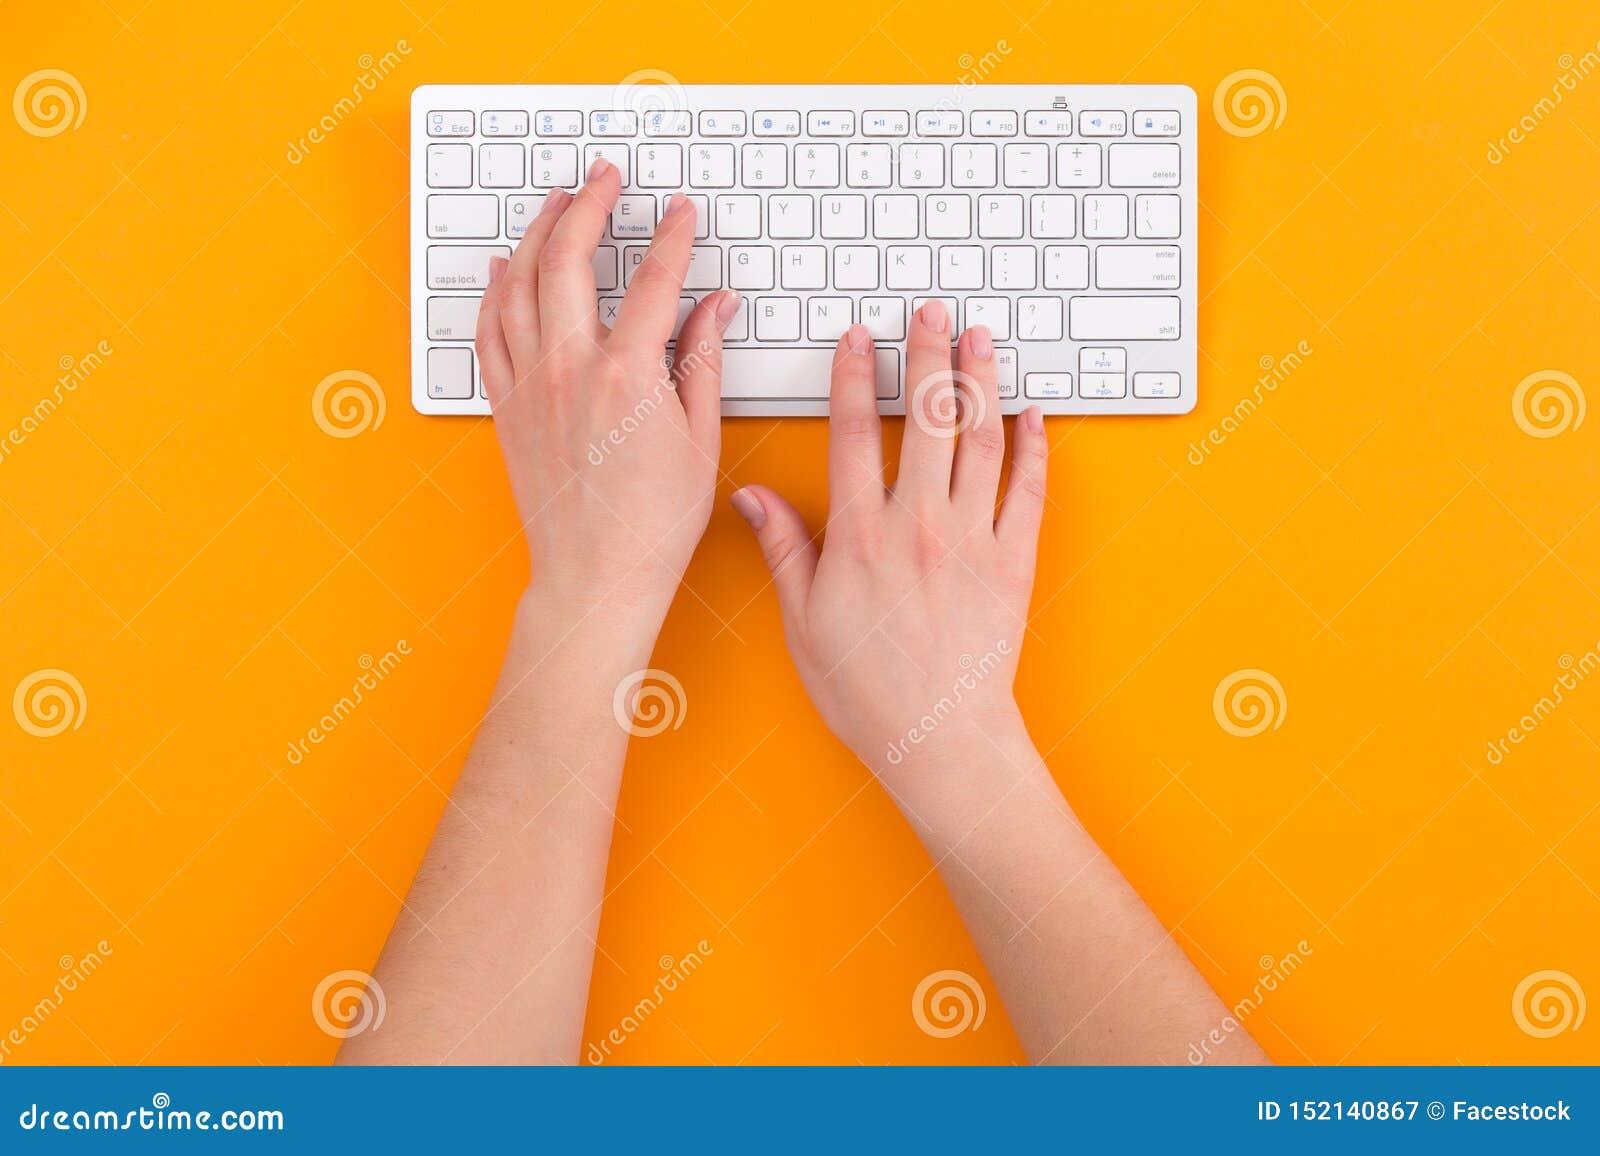 Vista superior de manos femeninas usando el teclado de ordenador mientras que trabaja, fondo anaranjado Concepto del asunto